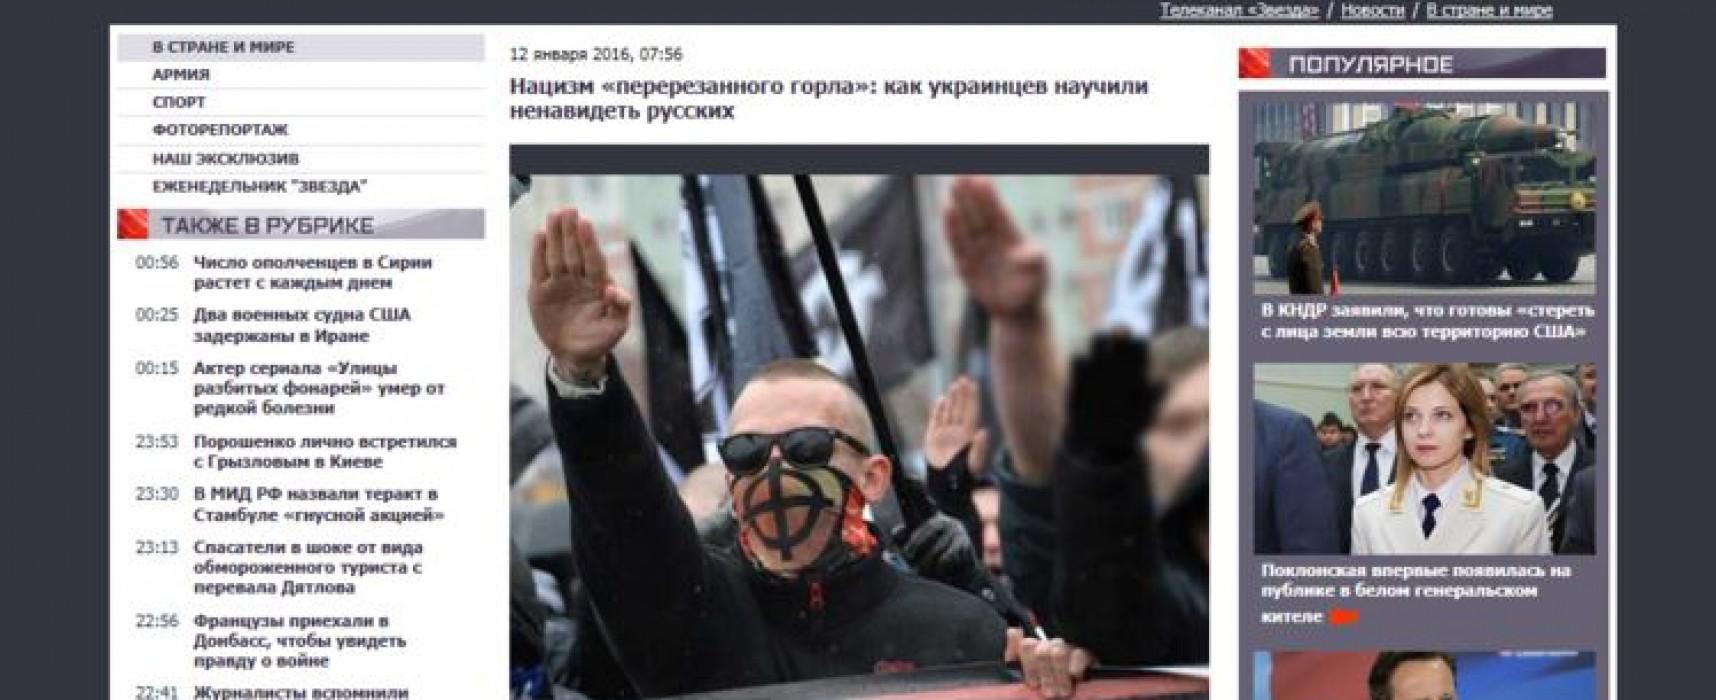 Российский телеканал проиллюстрировал «нацизм в Украине» фотографией Русского марша в Москве